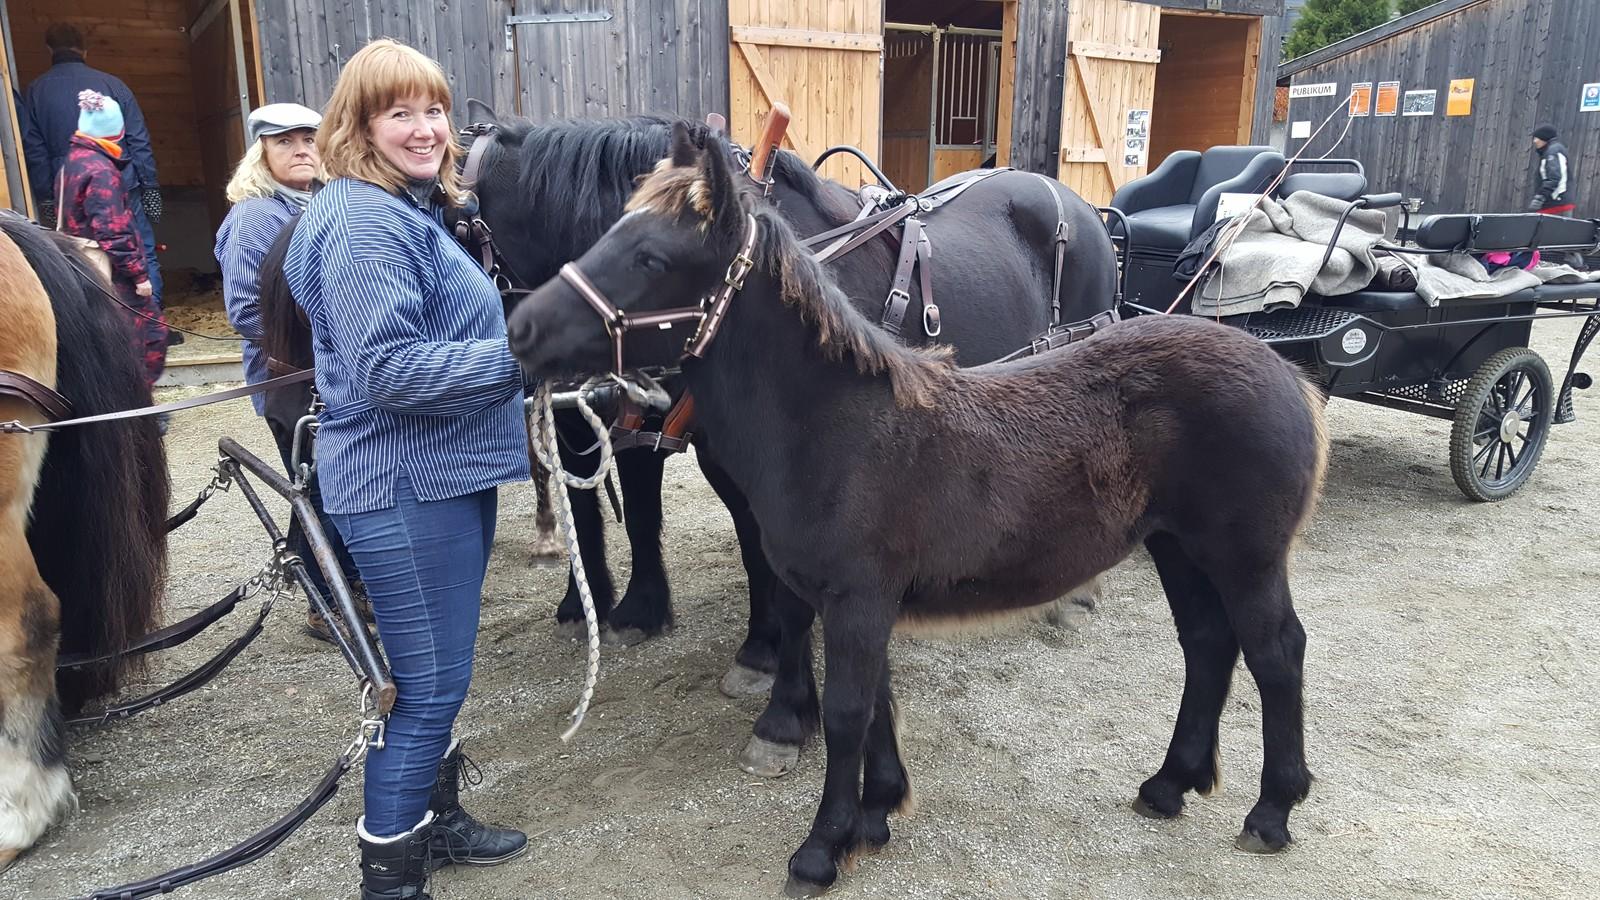 SMÅ OG STORE: Både små og store hester er med på Stavsmartn.